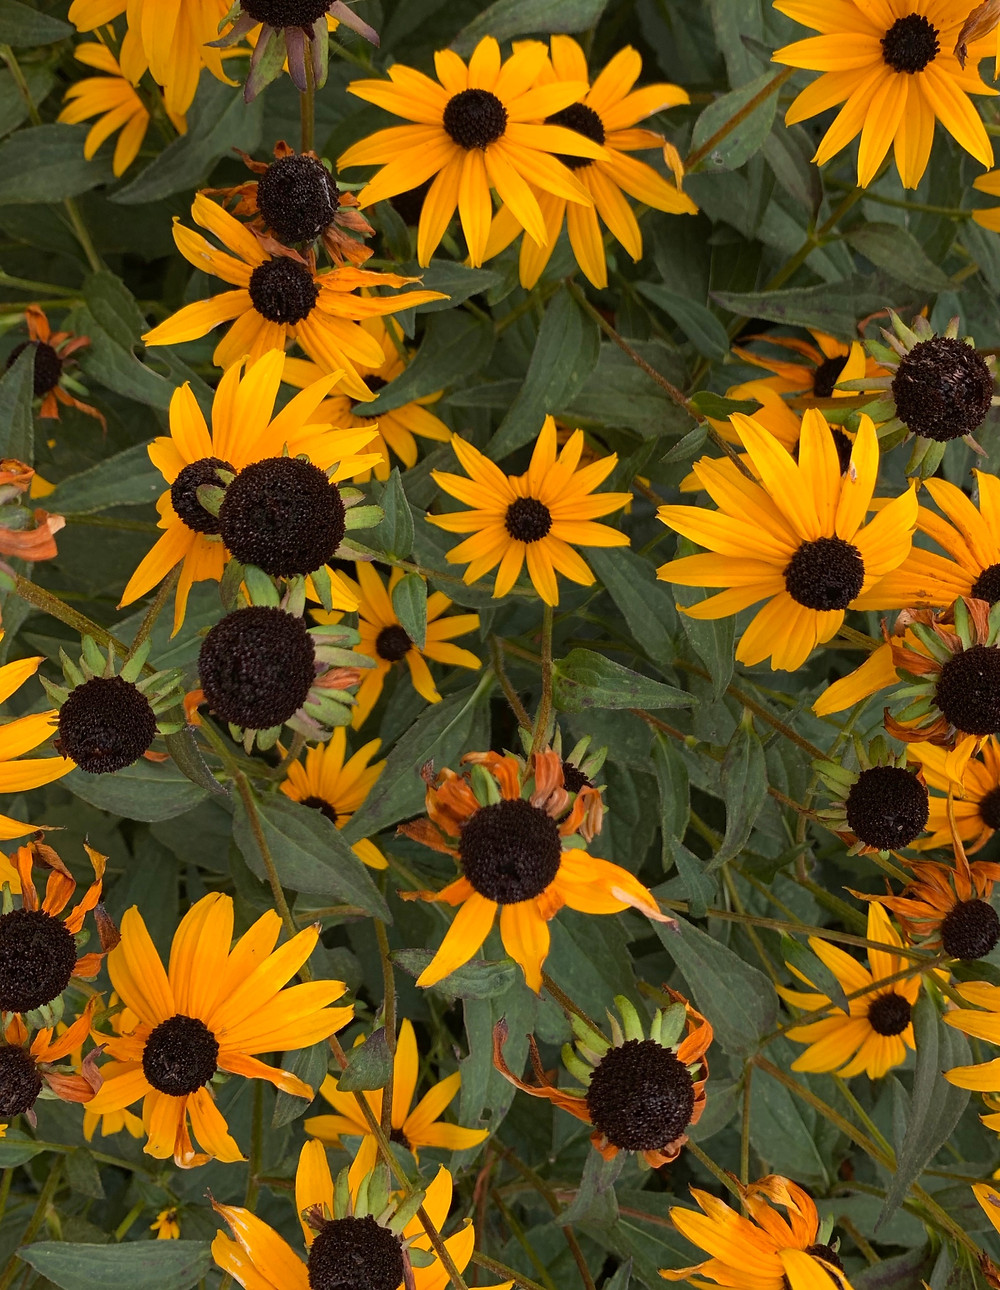 Blooming Black-Eyed Susans